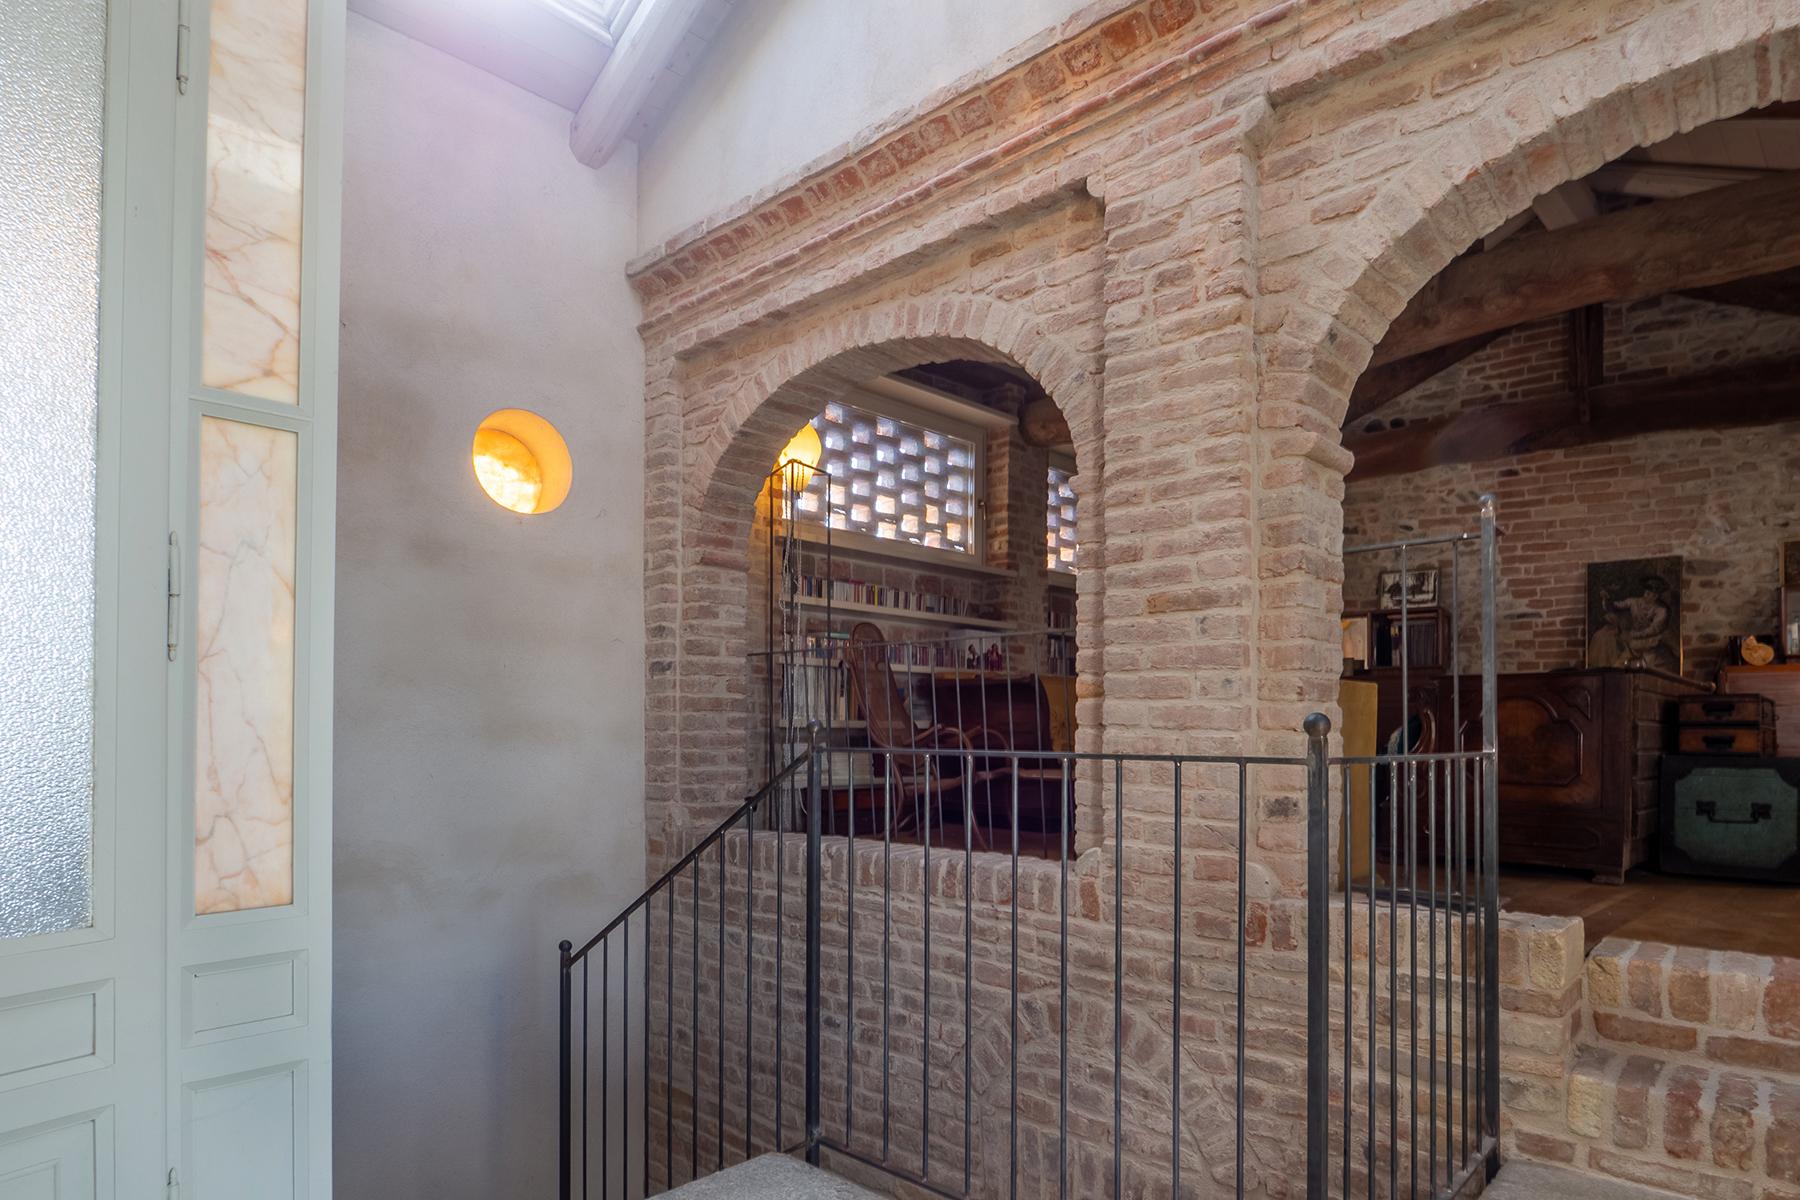 Casa indipendente in Vendita a Moncestino: 5 locali, 300 mq - Foto 7